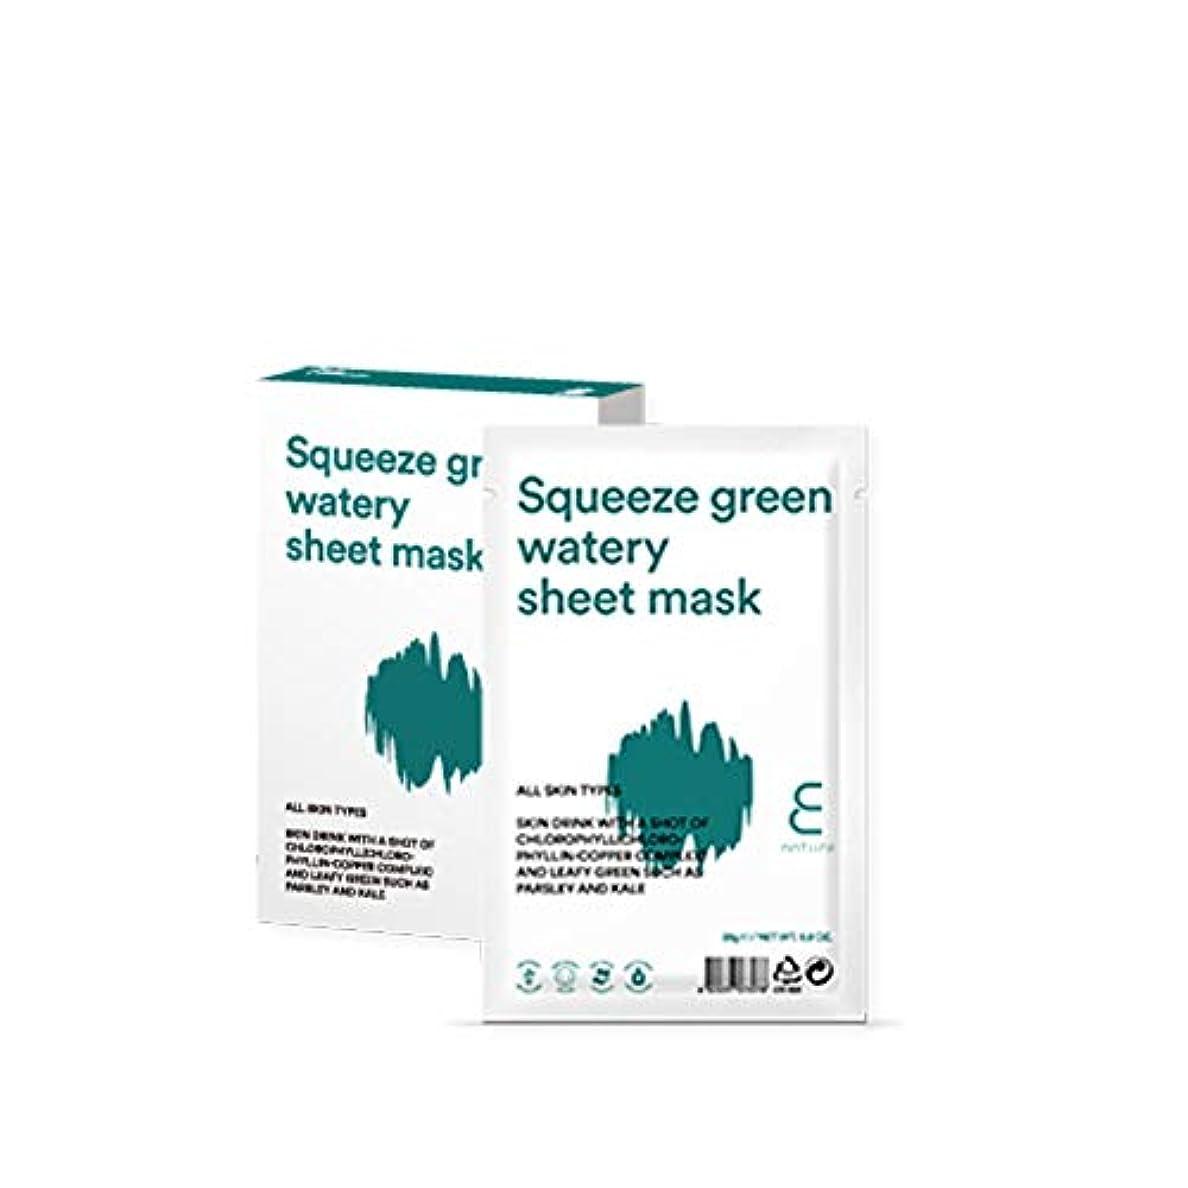 反毒染料全く【ENATURE 日本公式サイト】スクィーズグリーンウォータリーシートマスク 25gx10枚 韓国コスメ スキンケア